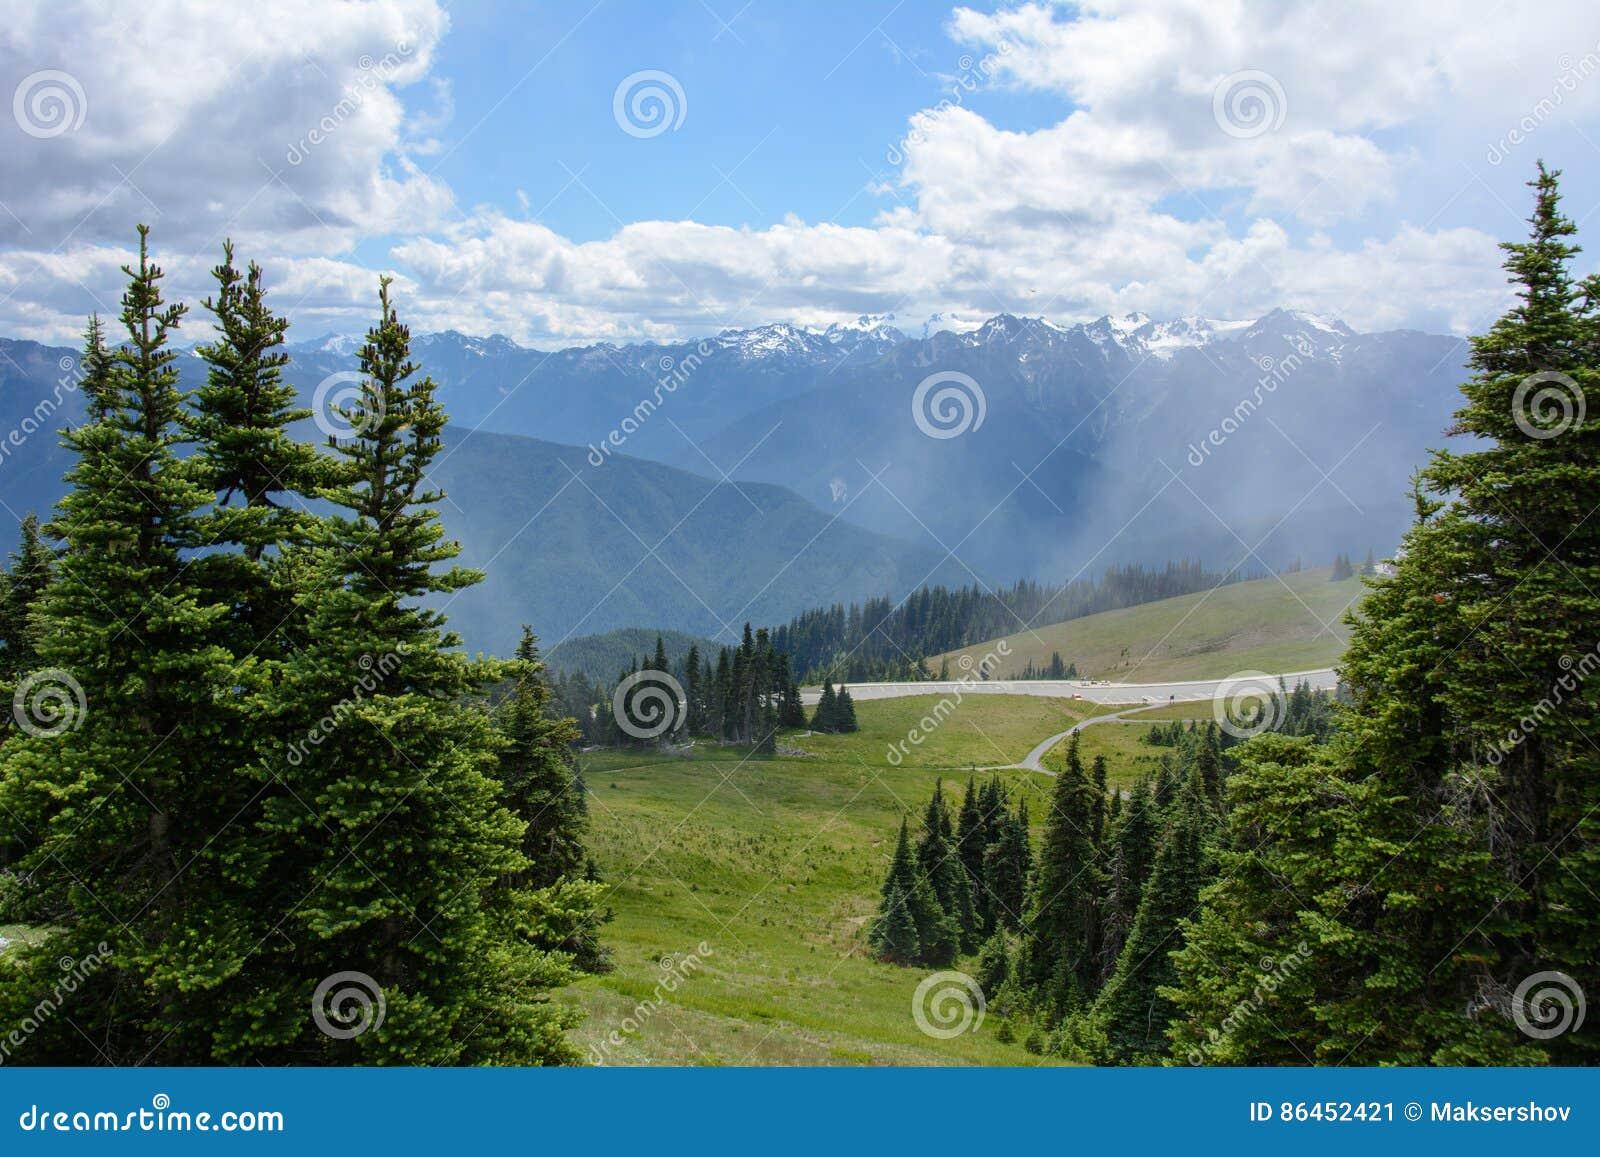 Lasu krajobraz w górach, Olimpijski park narodowy, Waszyngton, usa